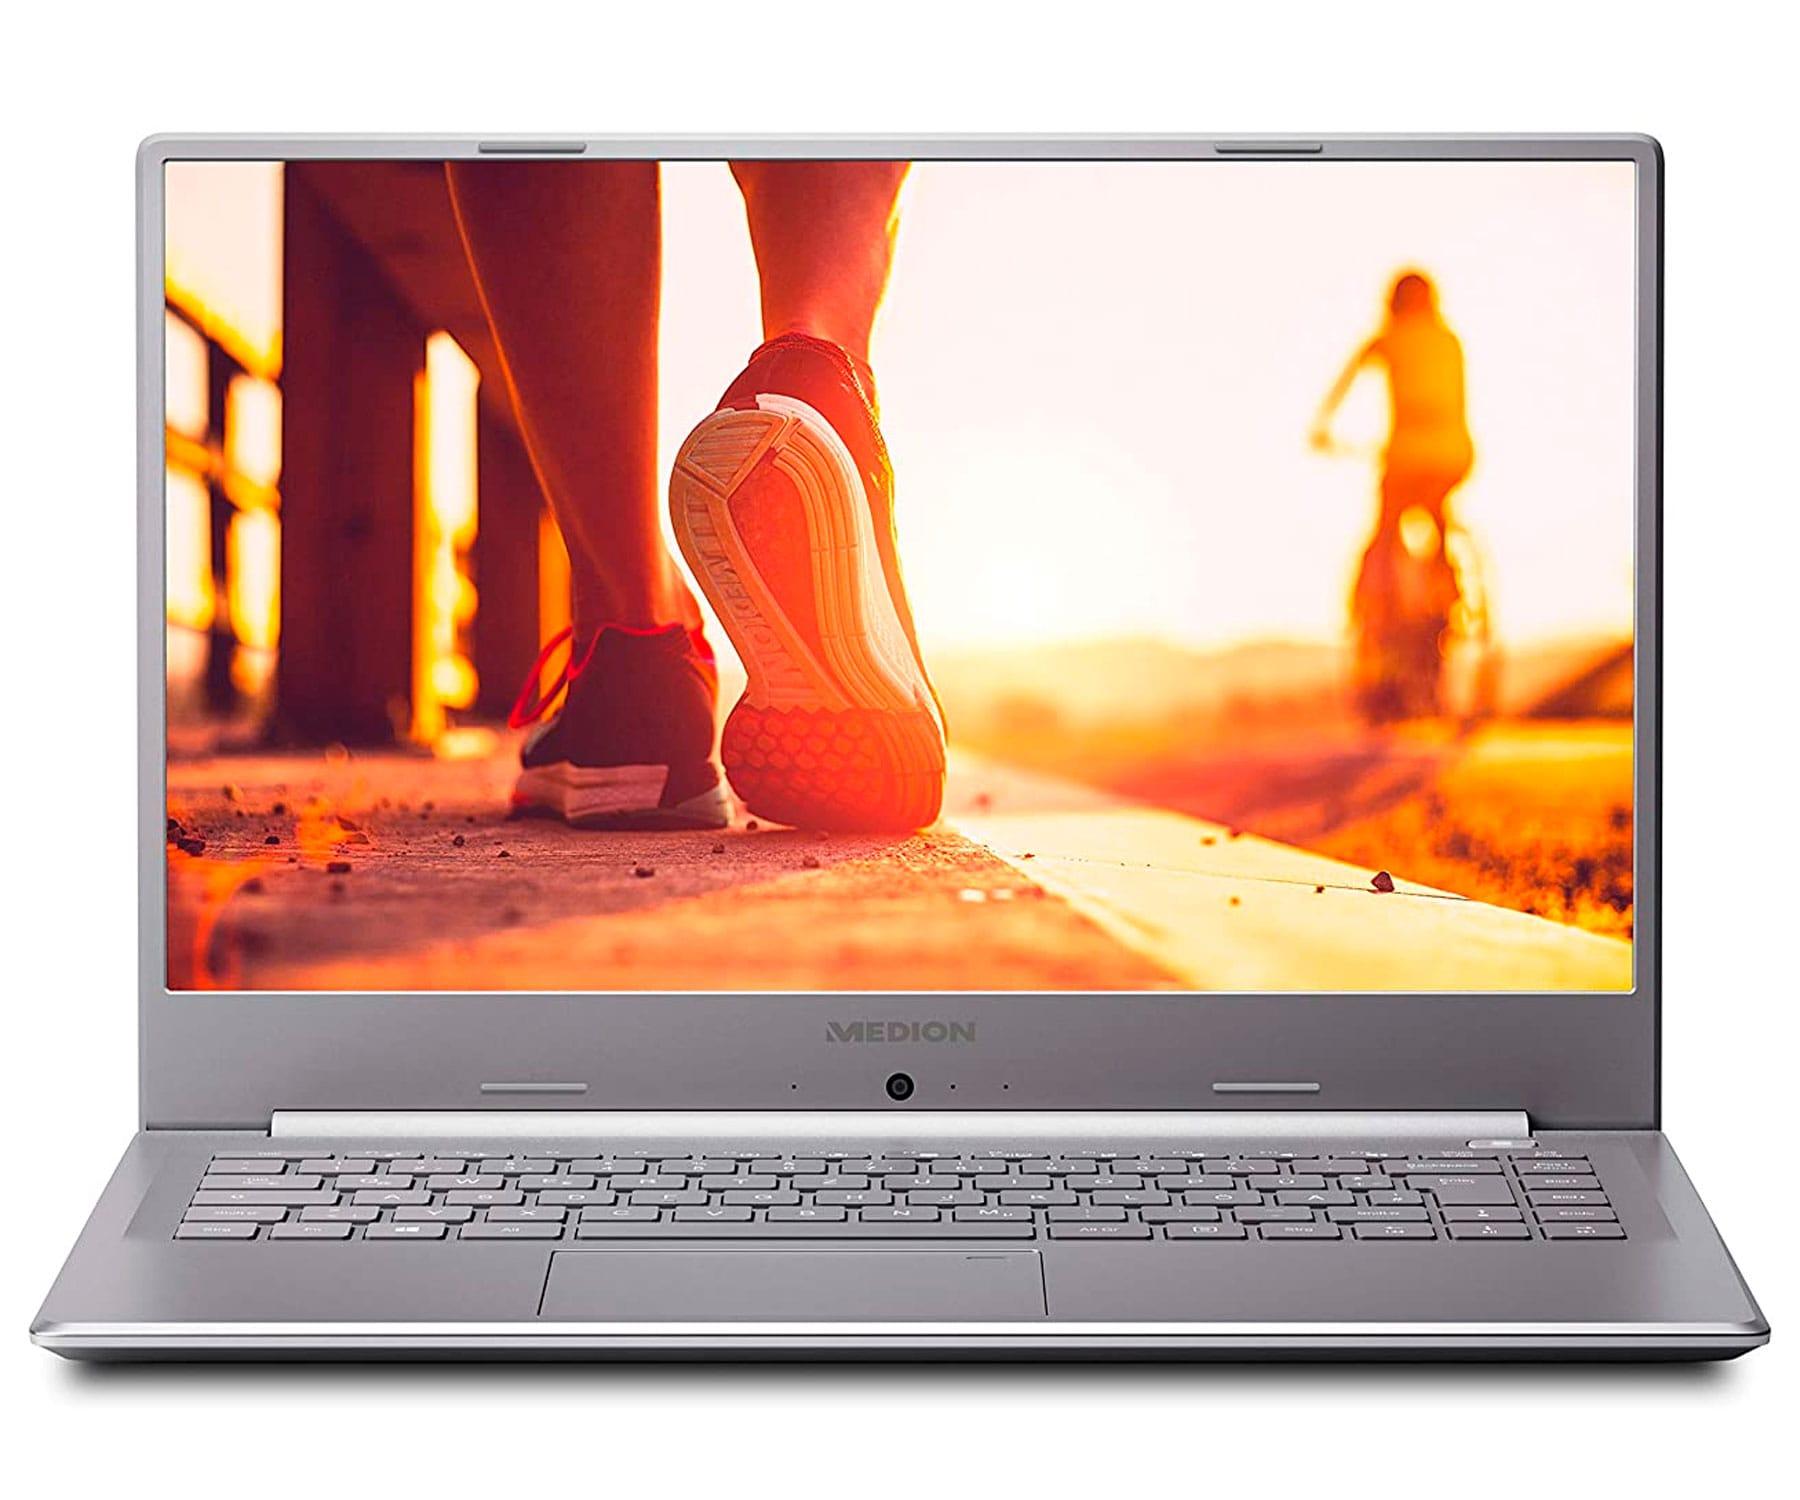 MEDION S6445 PLATA PORTÁTIL ULTRAFINO 15.6'' FullHD i5-8265U 3.9GHz 256GB-SSD 8GB RAM WIN10 HOME